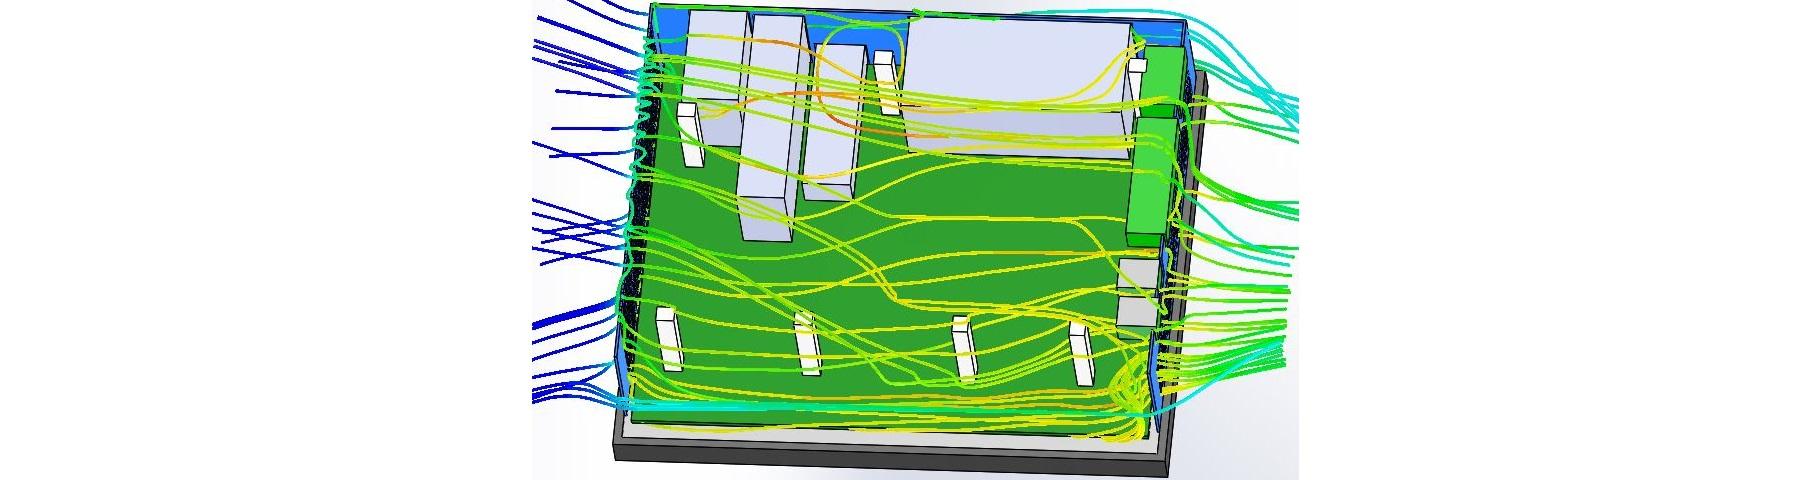 Имитационное моделирование процессов и инженерный анализ